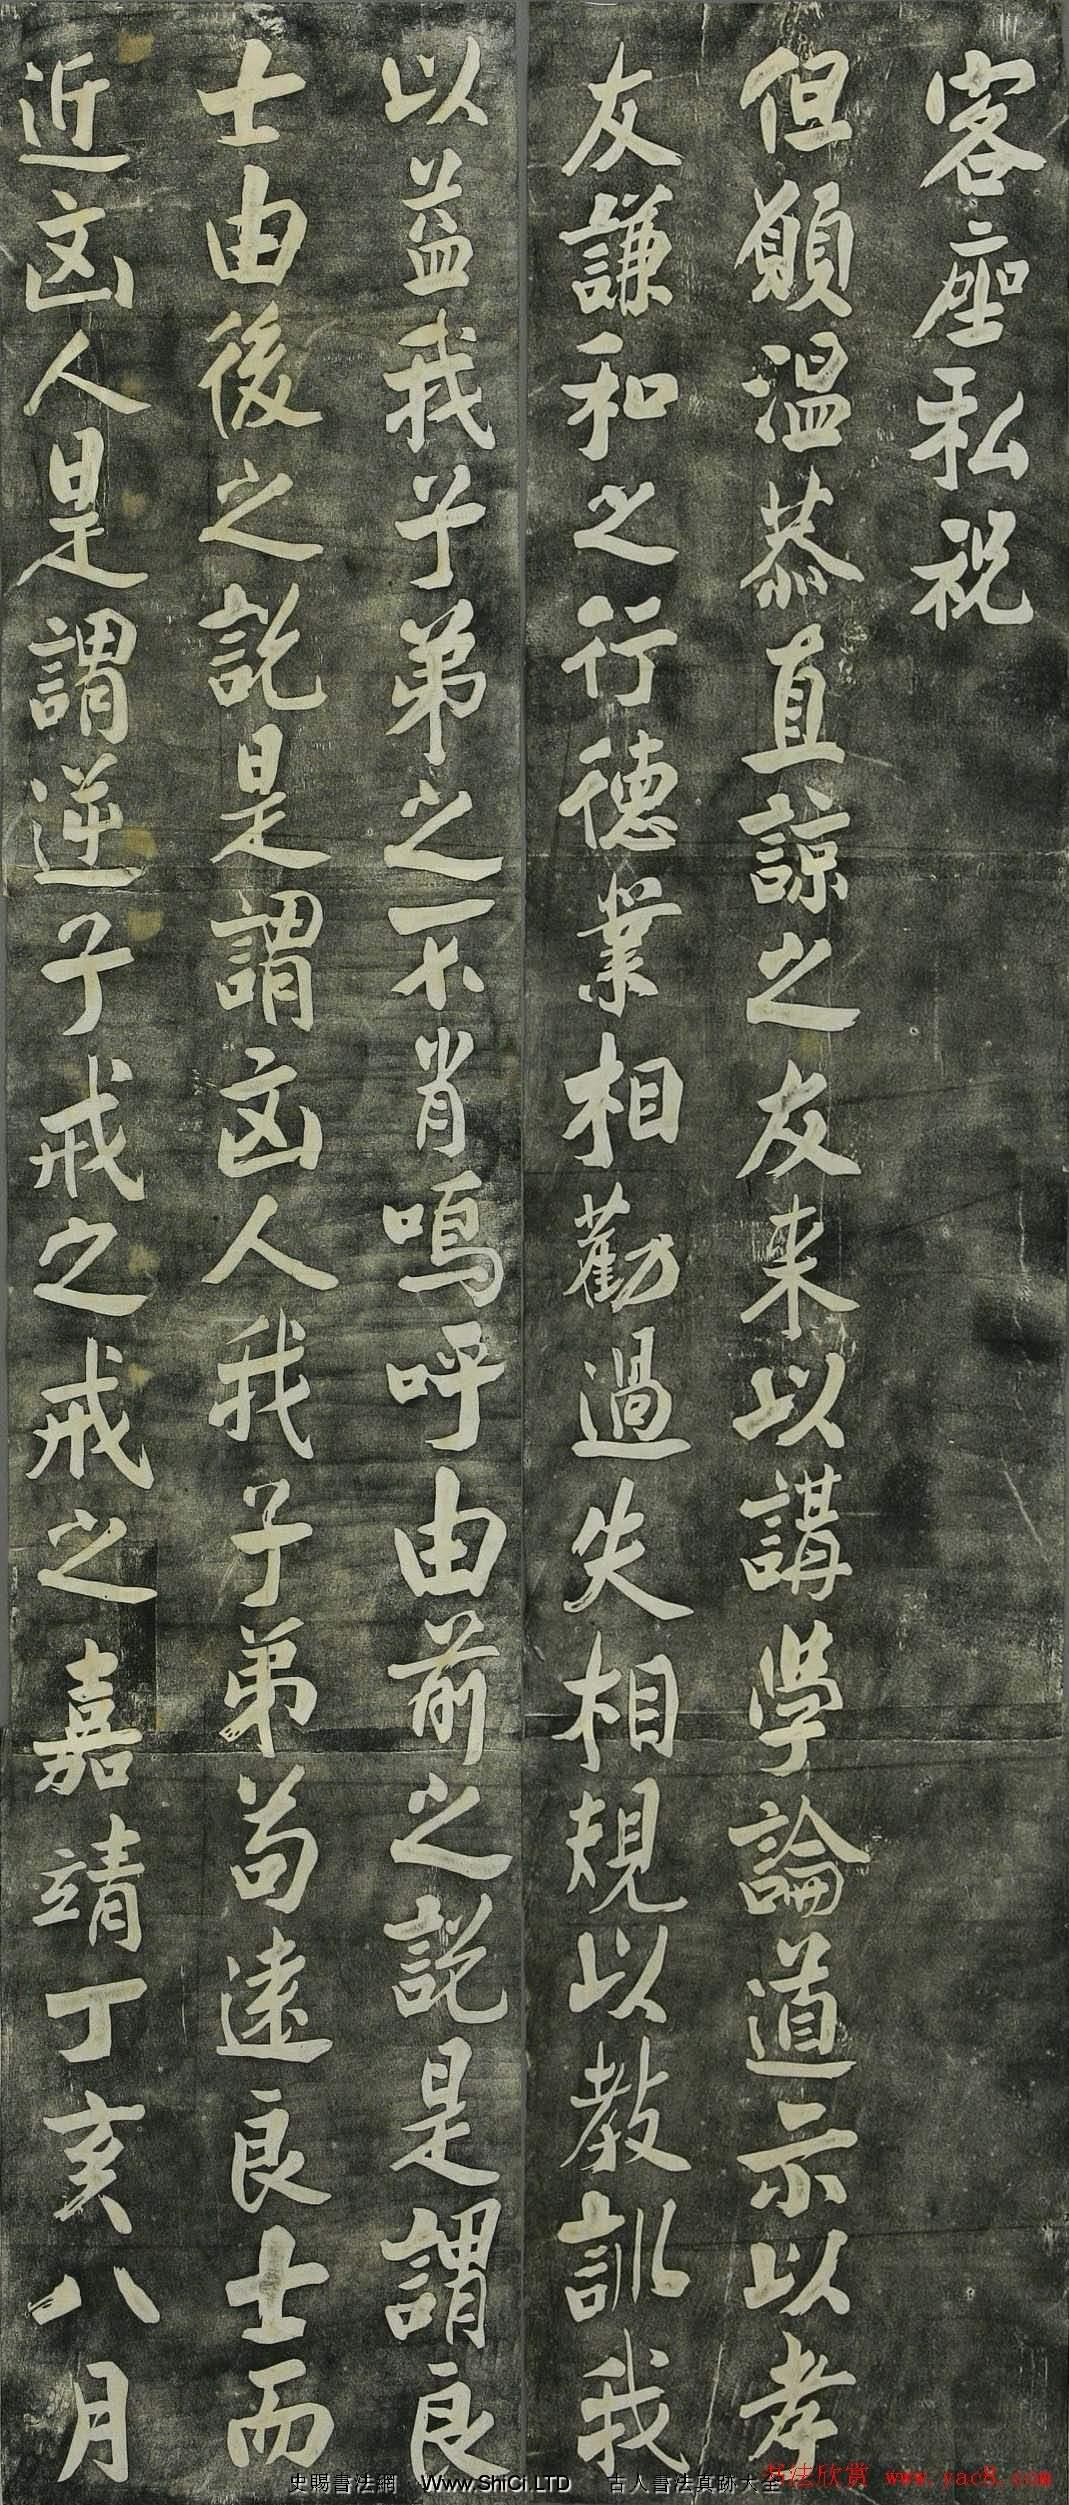 王守仁書法作品真跡欣賞《客座私祝》(共2張圖片)